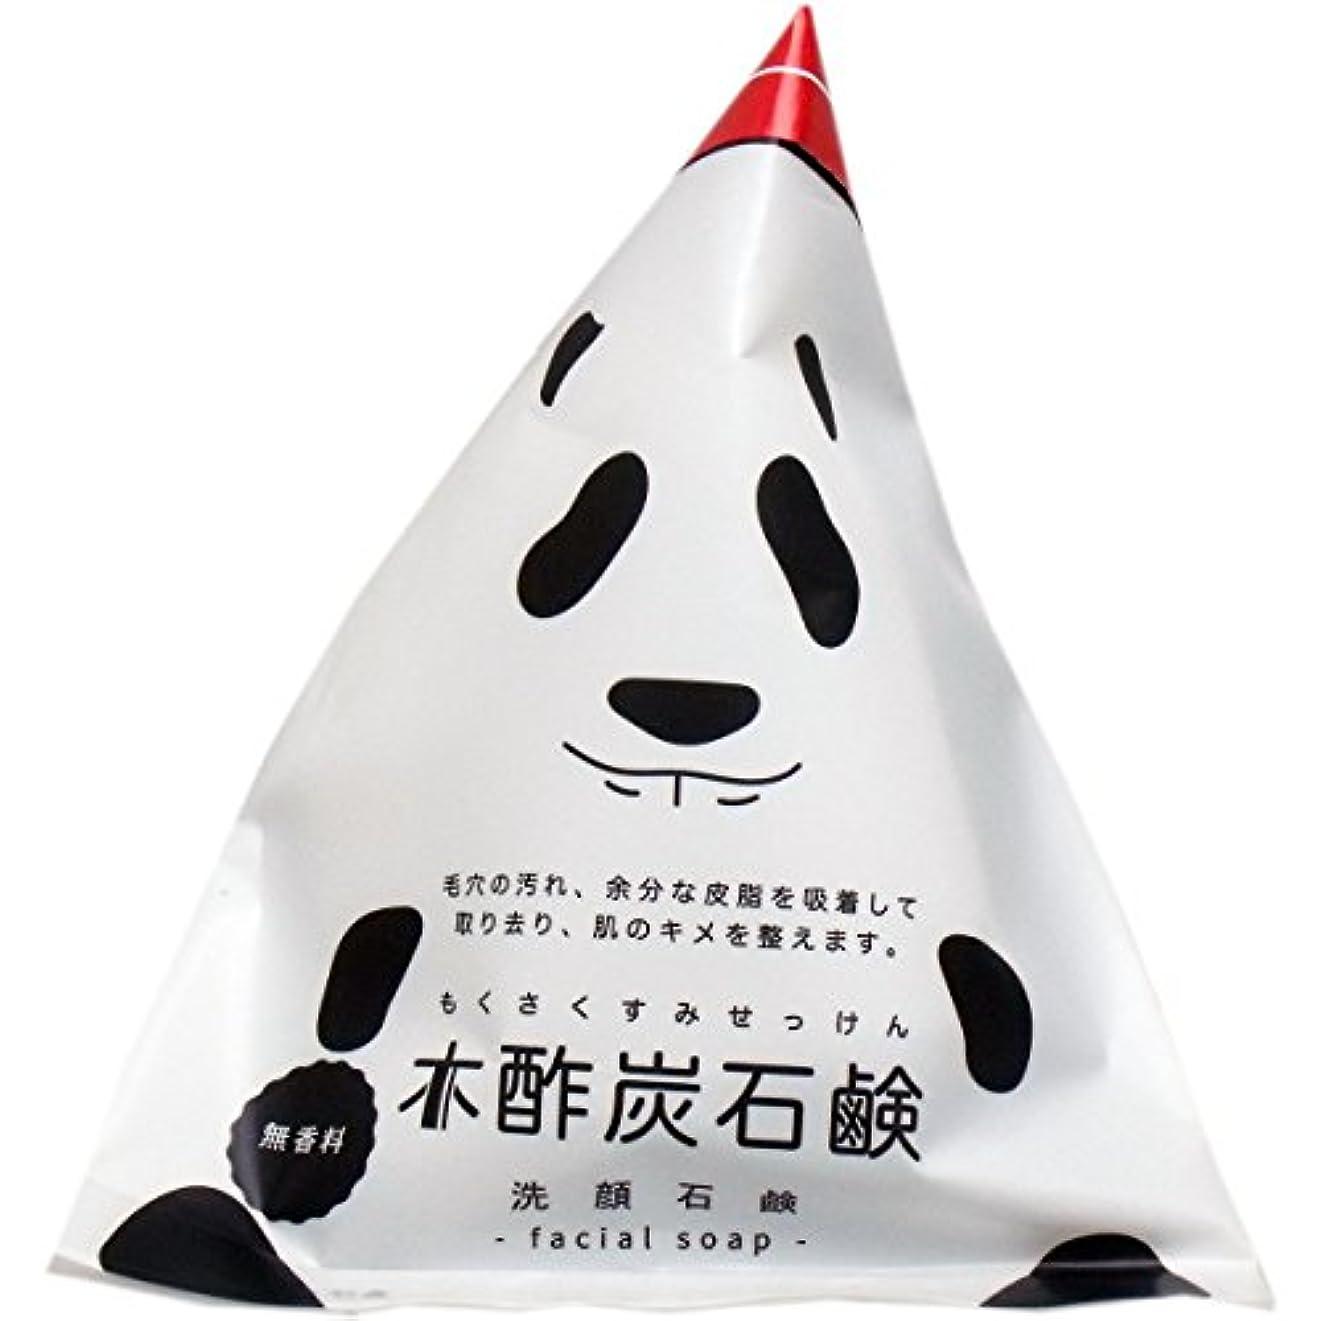 頭慣れる触手フェニックス 木酢炭石鹸 (120g)